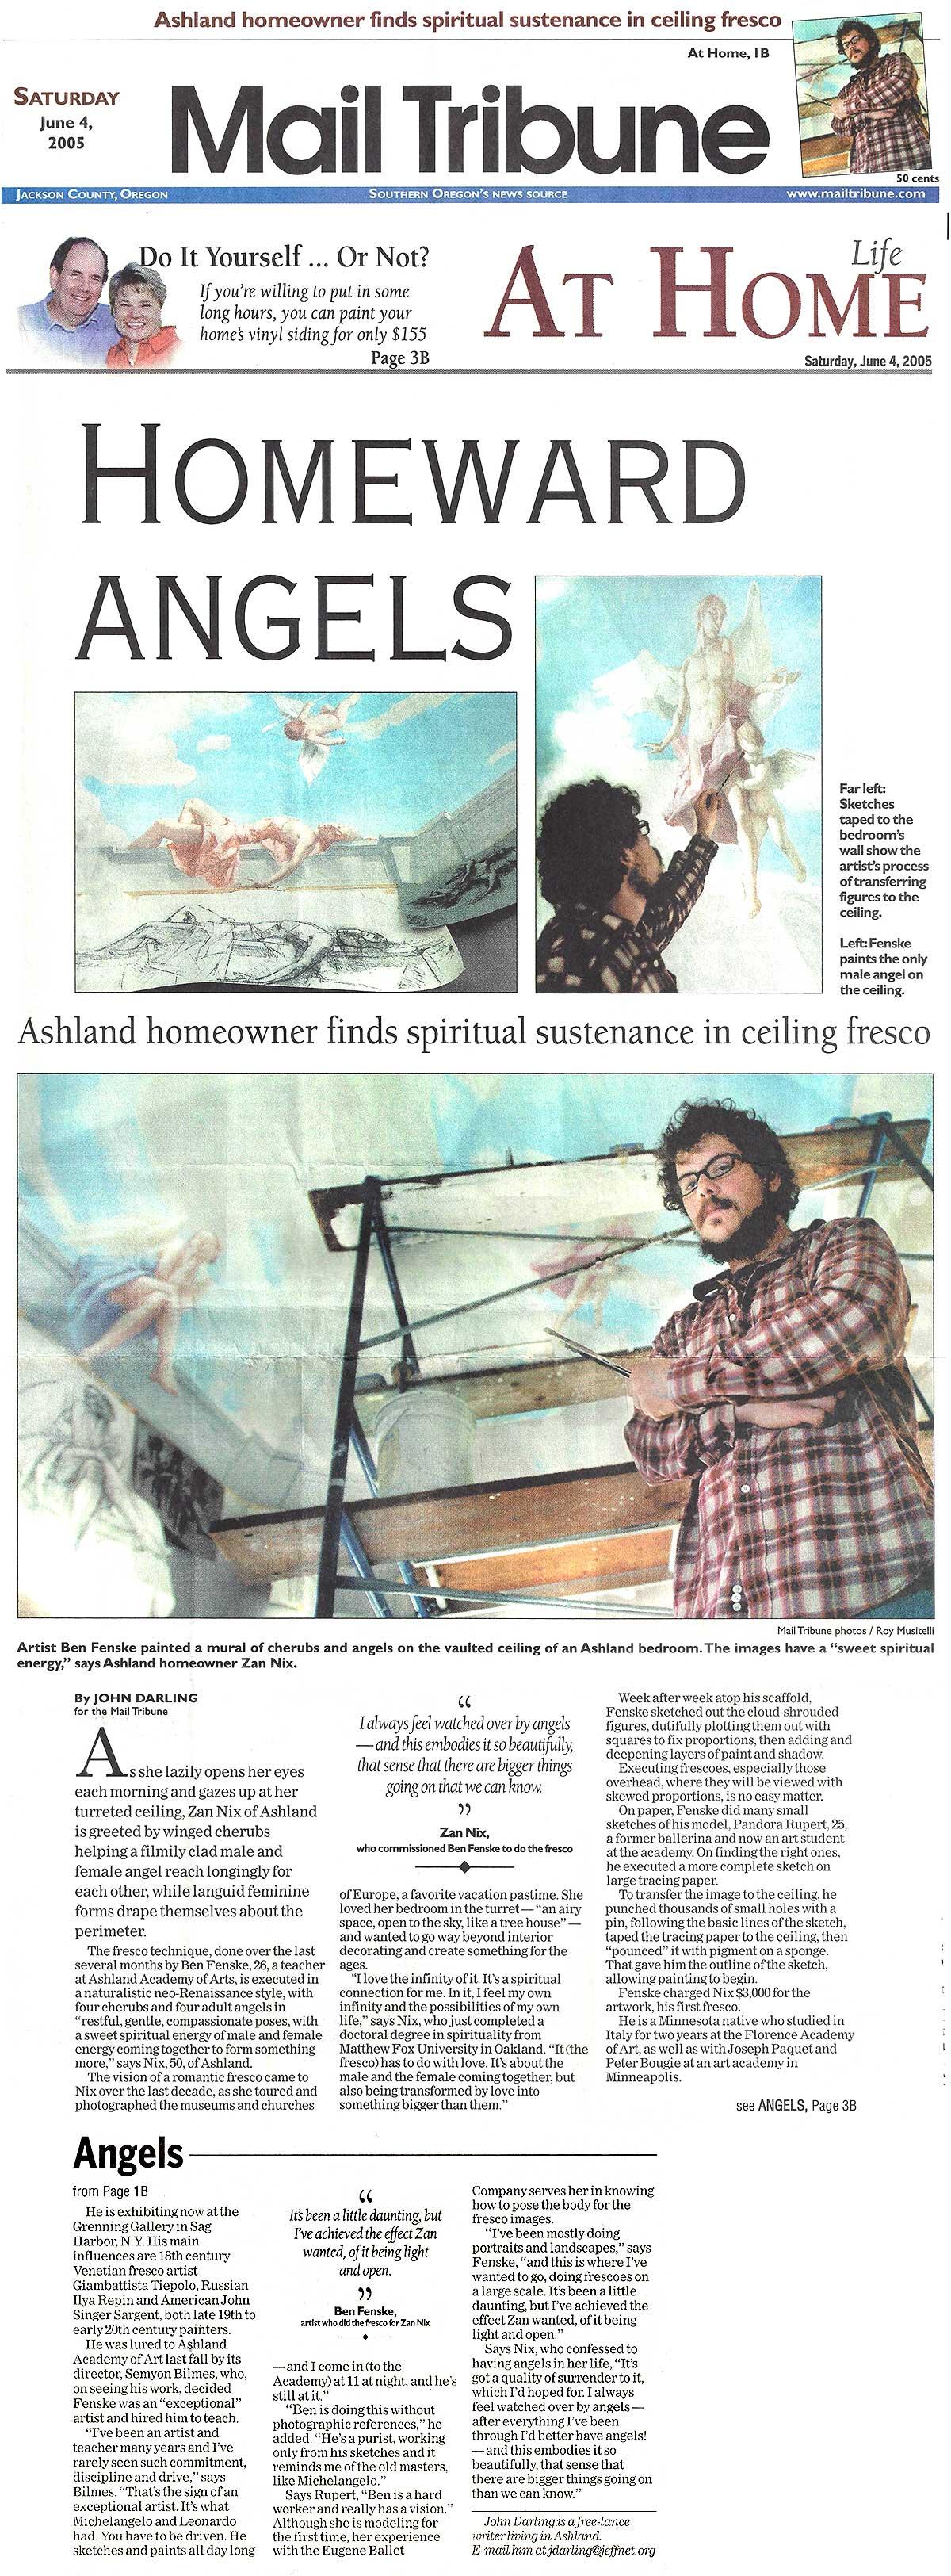 Article-June-2005